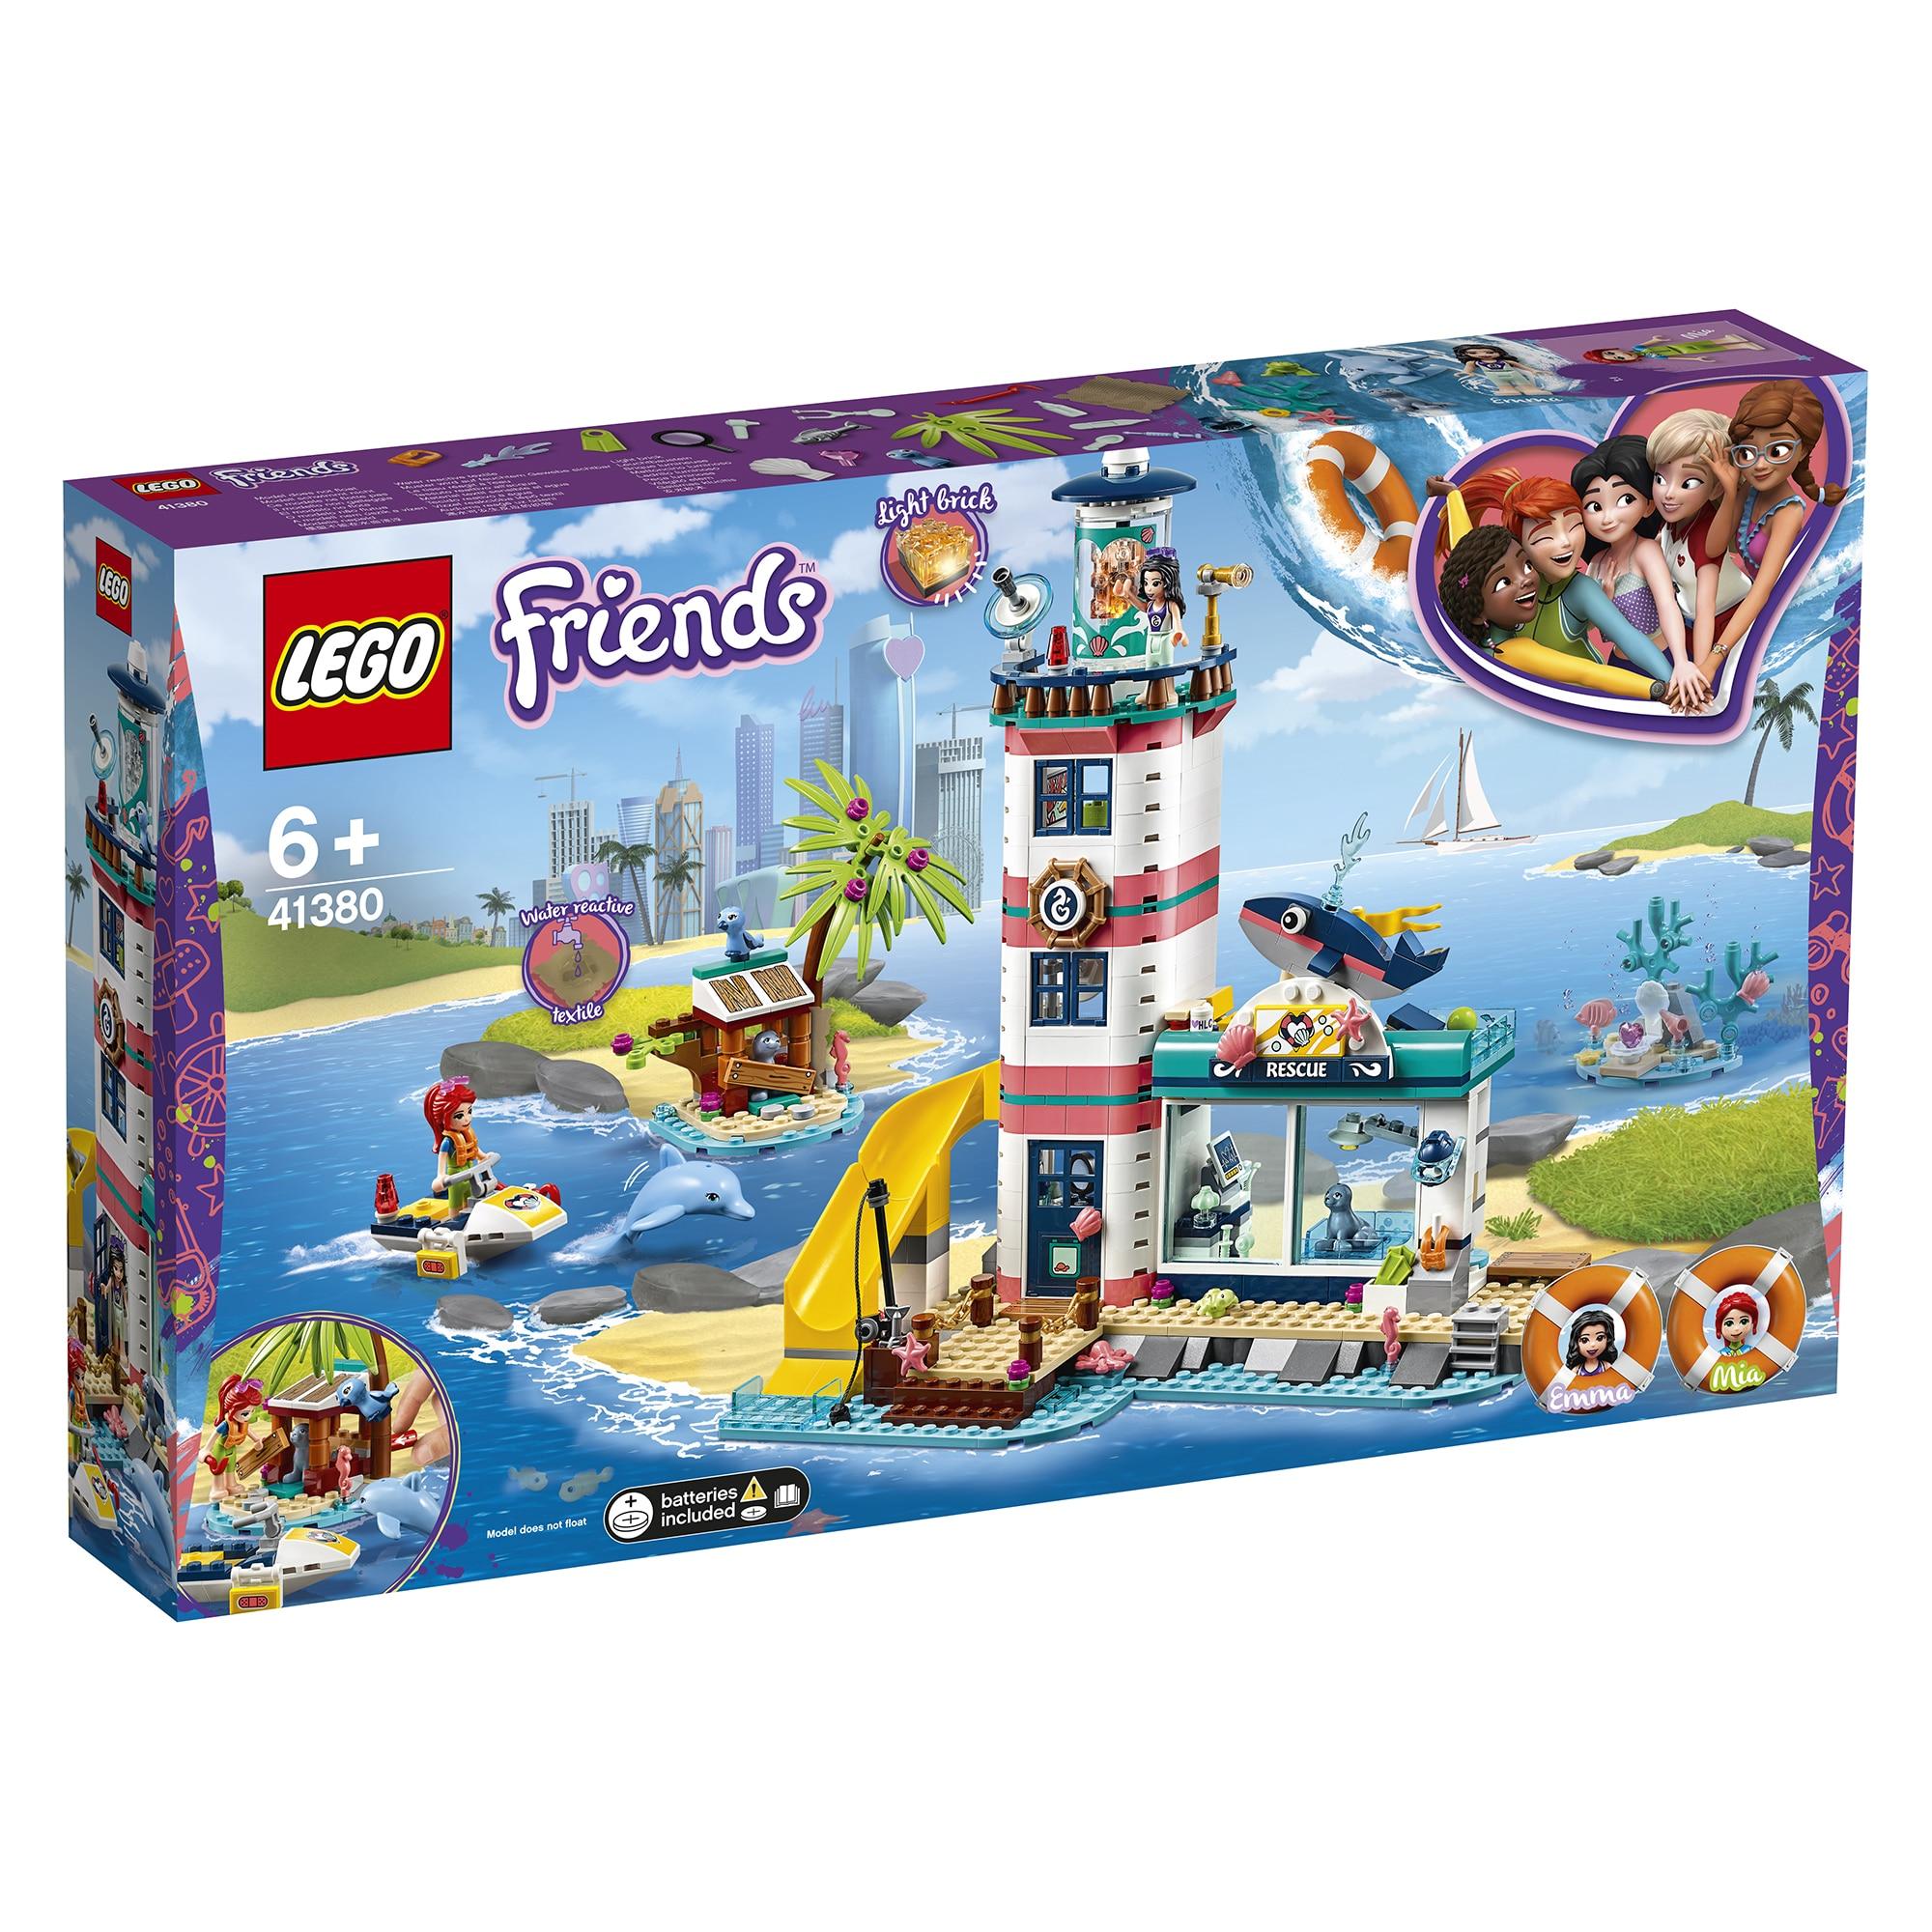 Delphin Aus Set 41375 LEGO Friends Figur